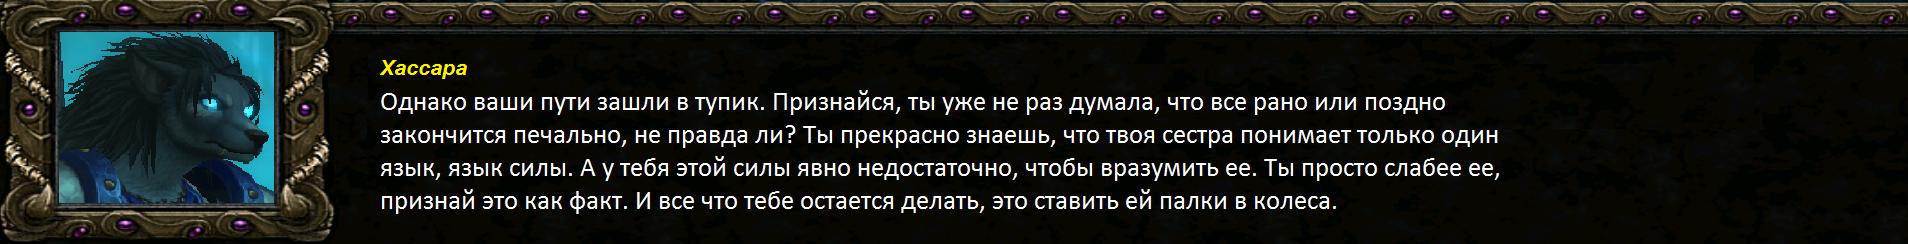 Дк шаблон реборн 15.6